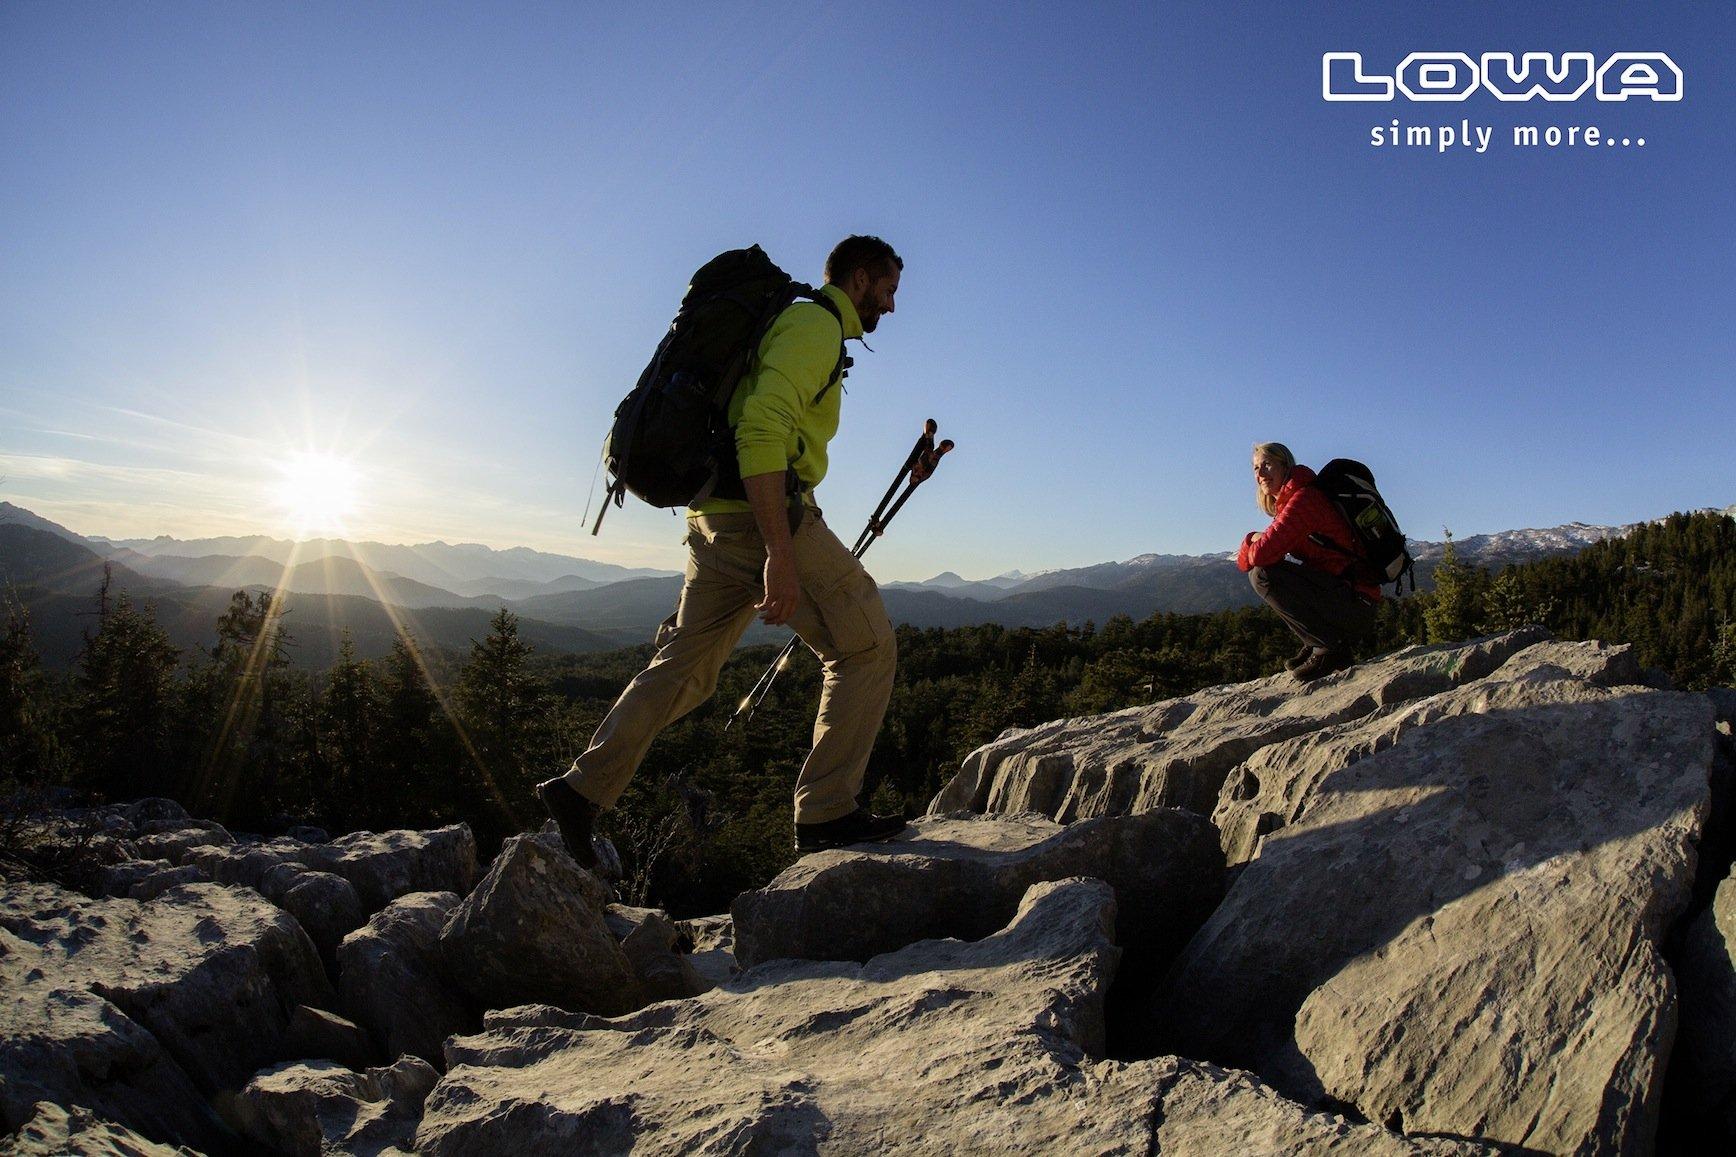 News – LOWA Sommerkollektion 2016: Highlights für den Wandersommer – vom alpinen Bergstiefel bis zum Freizeitsneaker